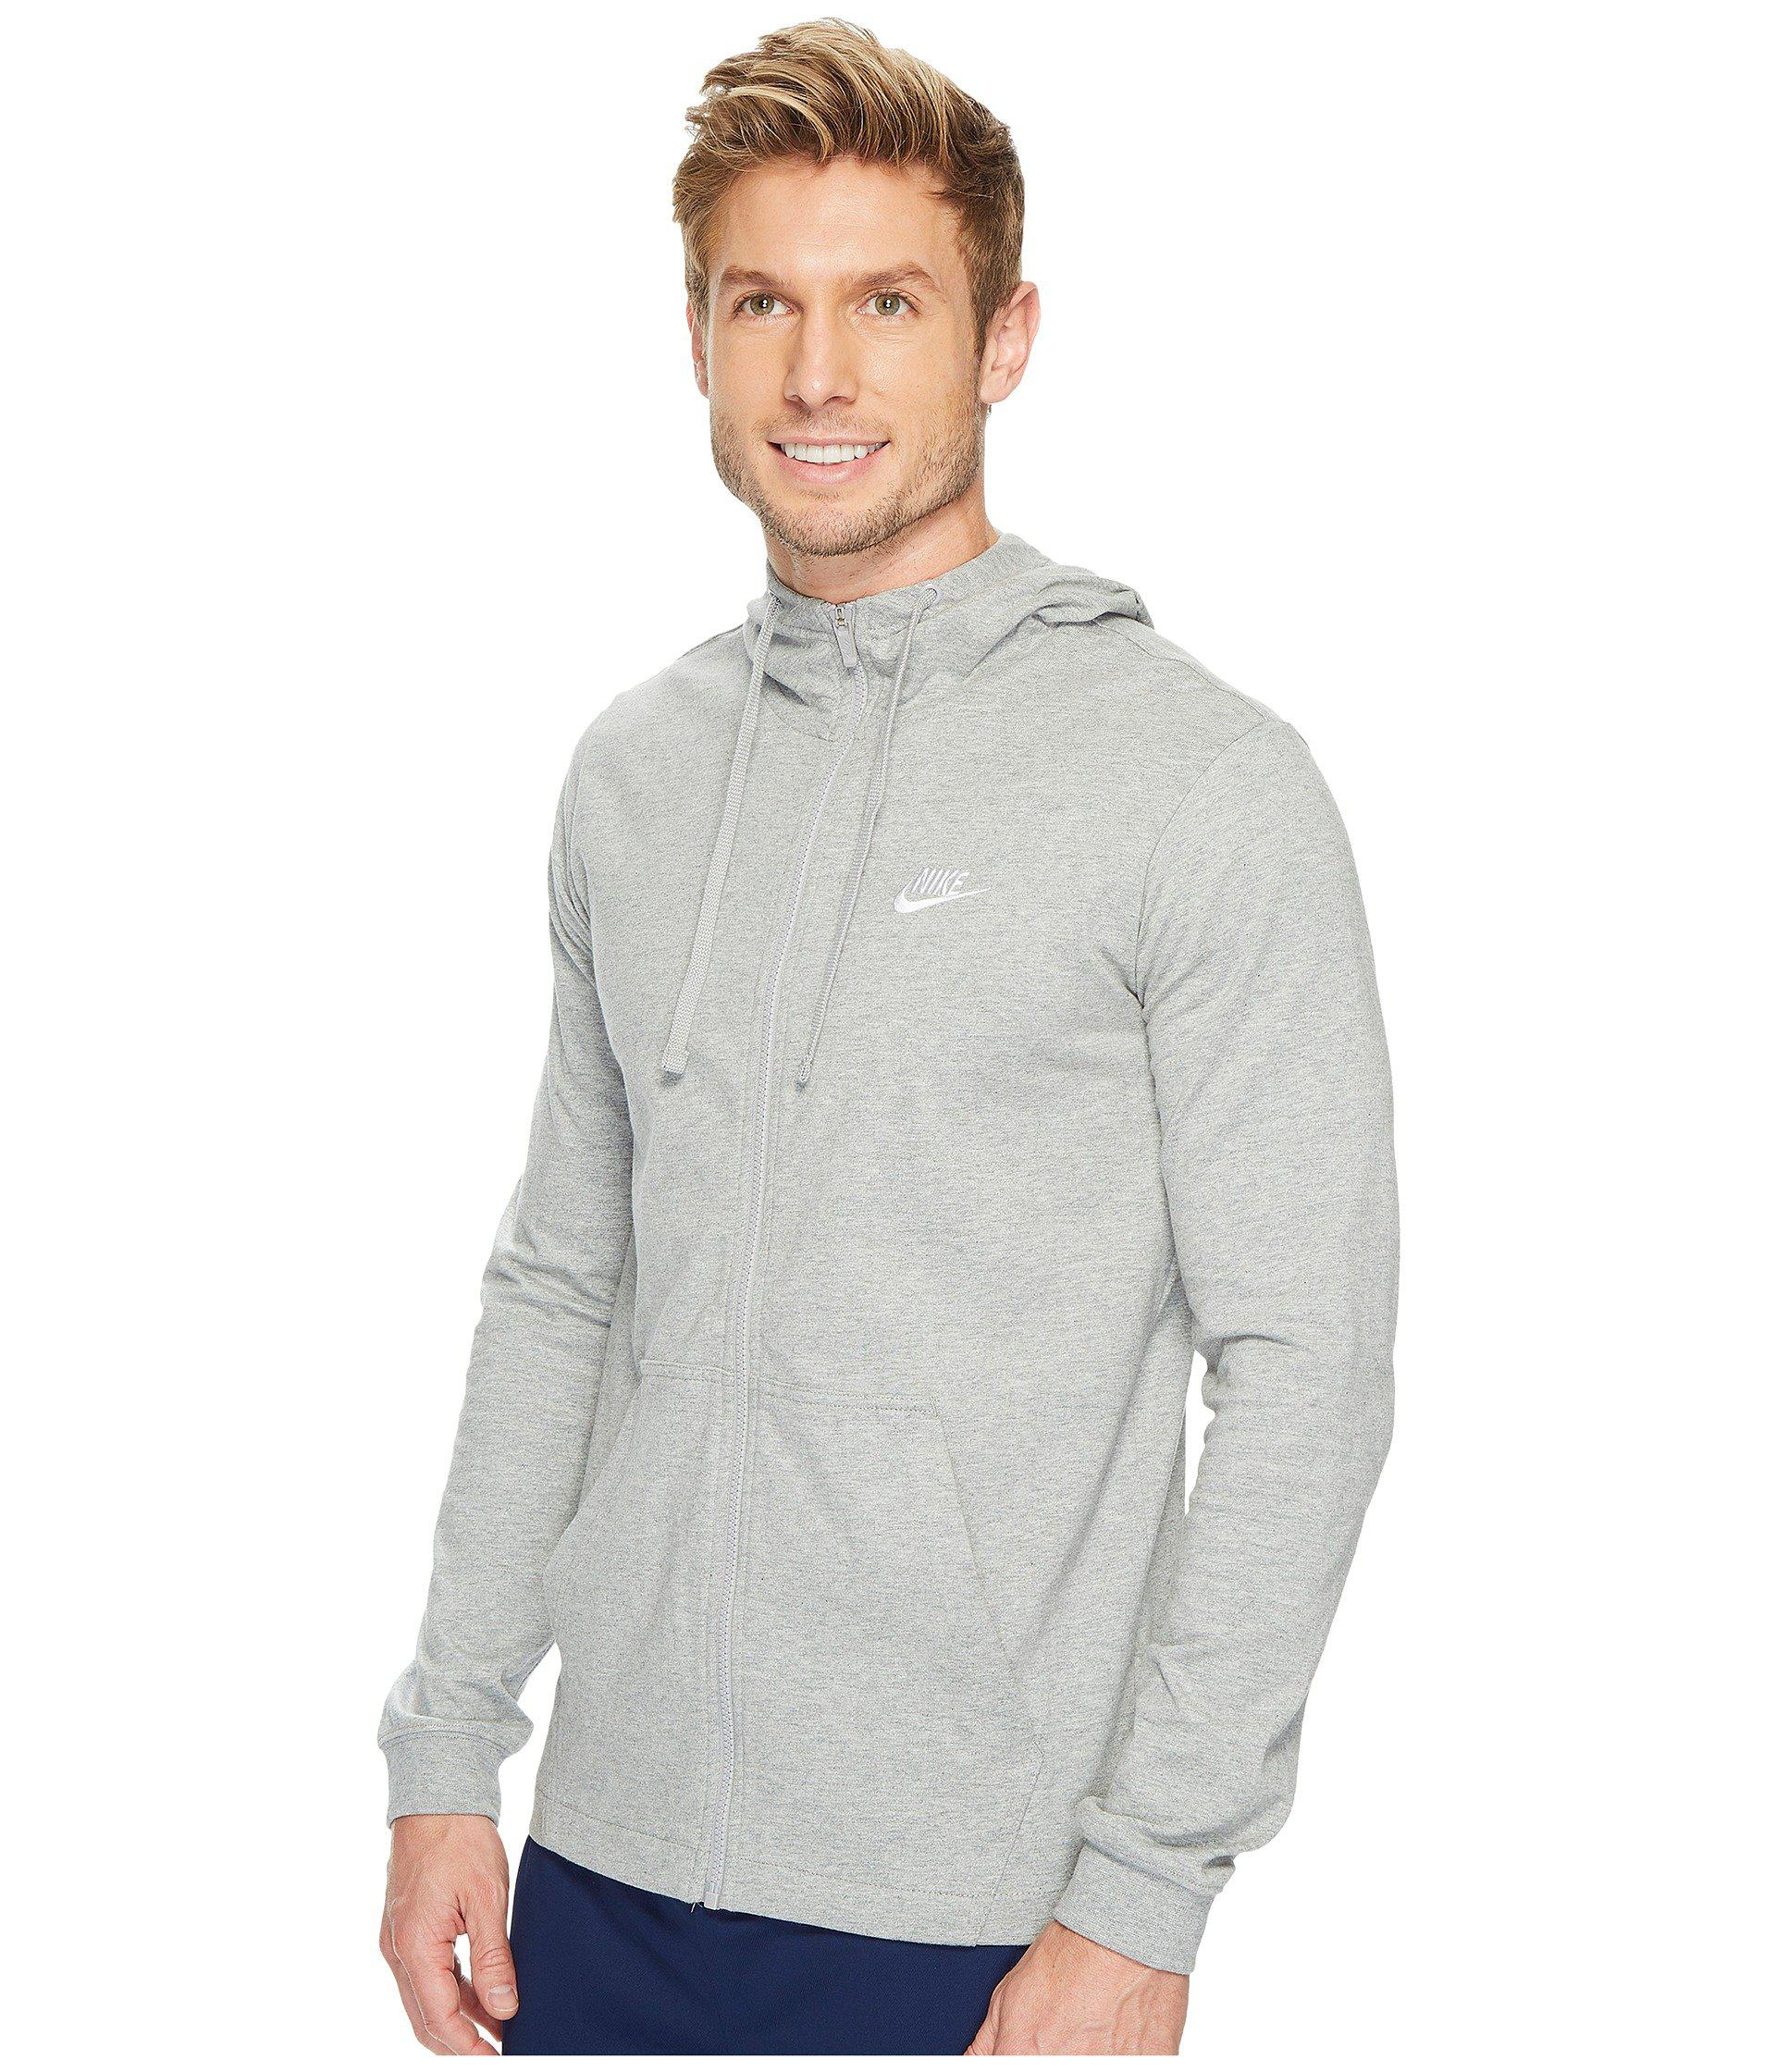 022b8ecc Lyst - Nike Sportswear Full-zip Hoodie (black/white) Men's Sweatshirt in  Gray for Men